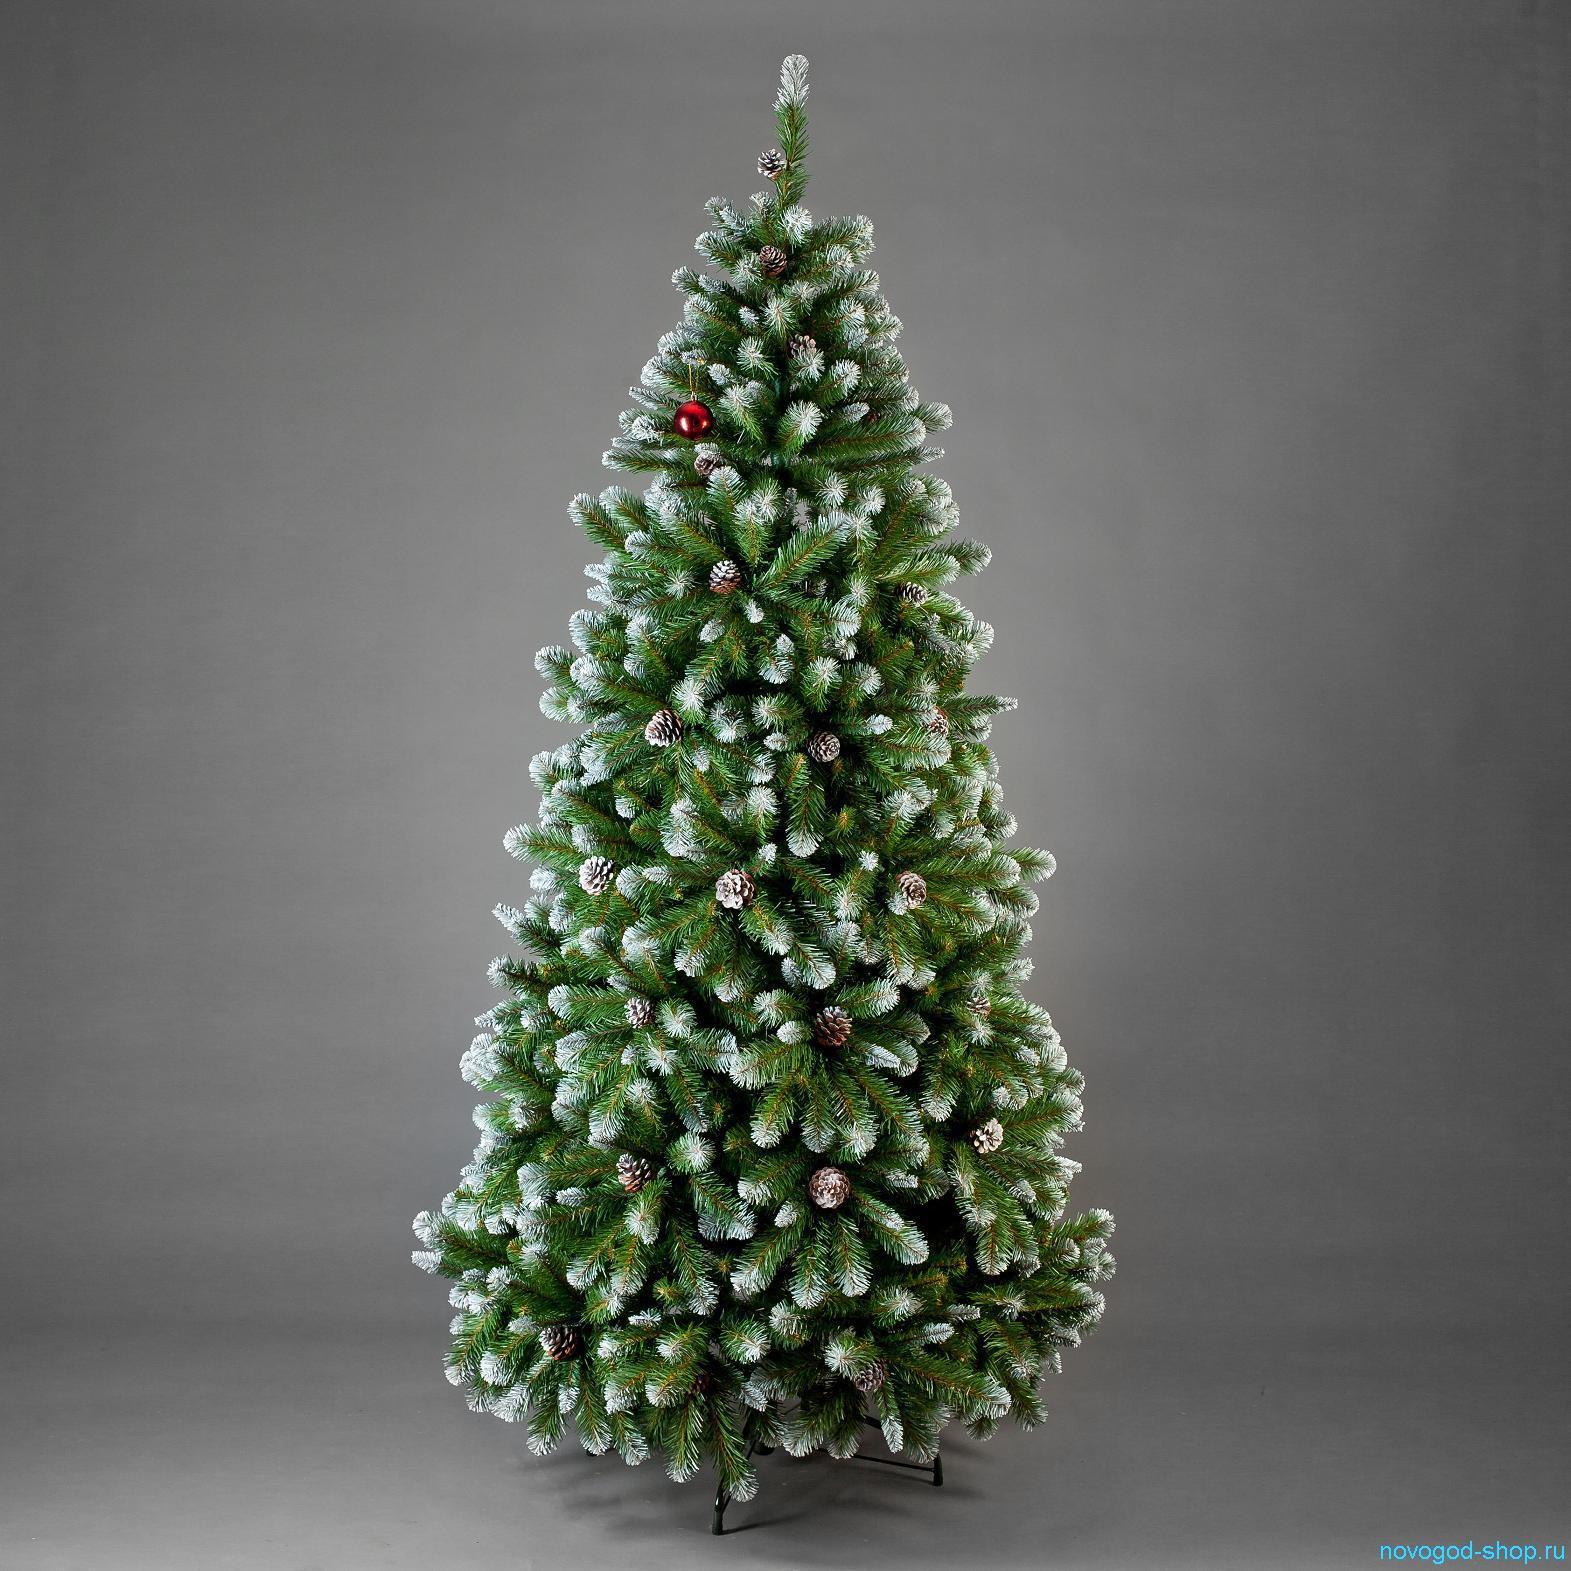 купить елку на новый год